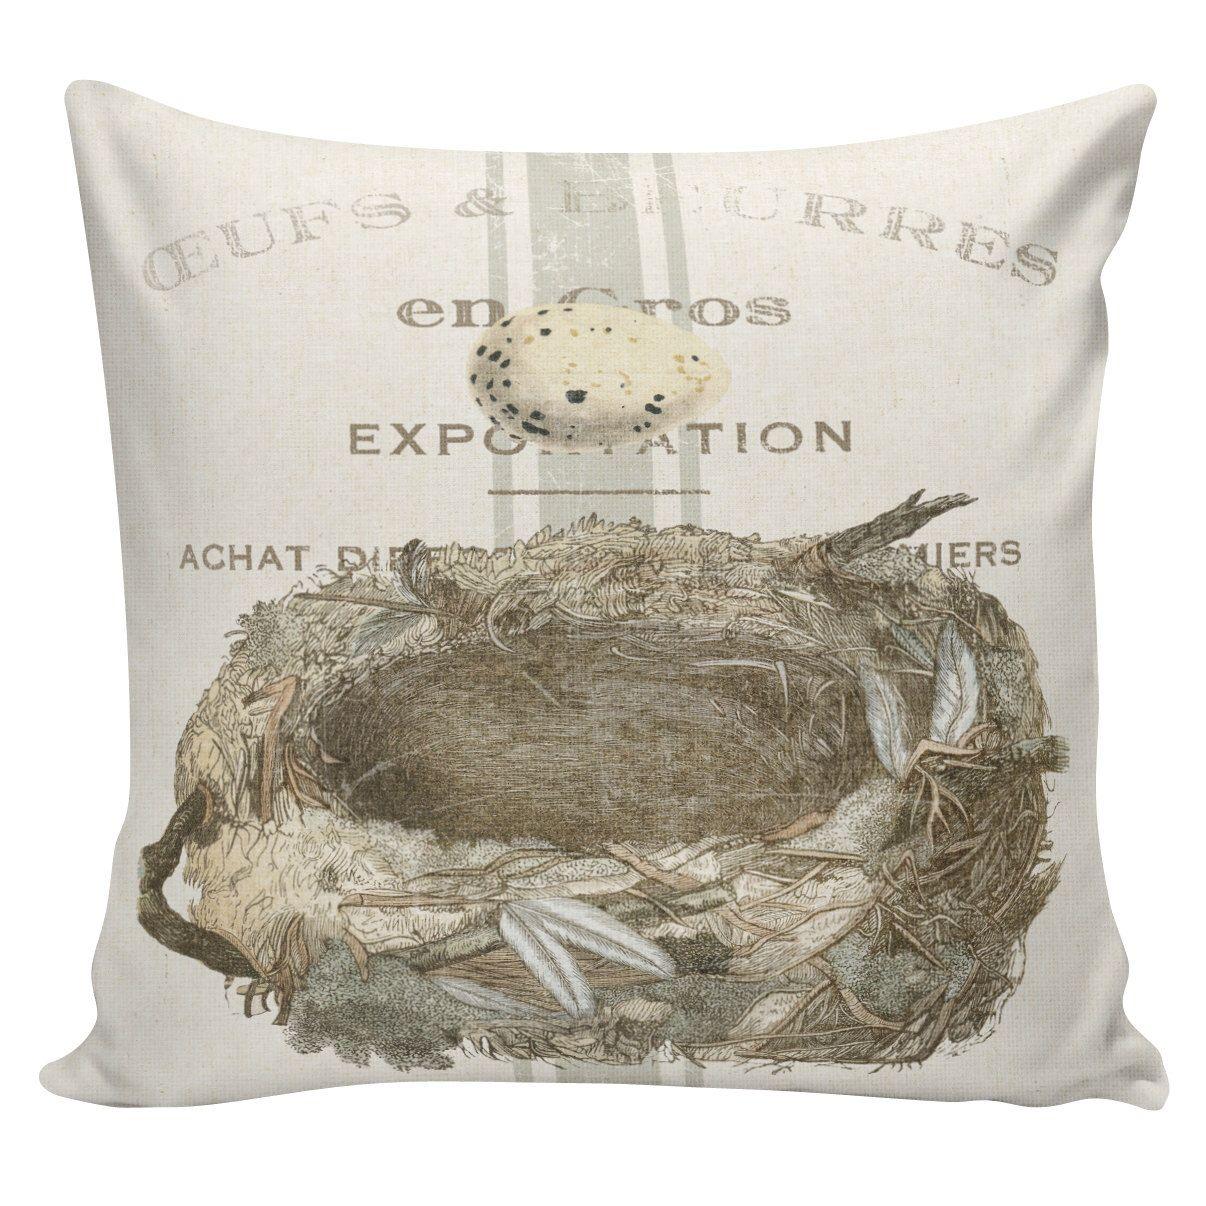 Easter Pillows, Egg Nest Pillows, Easter Decor, Burlap